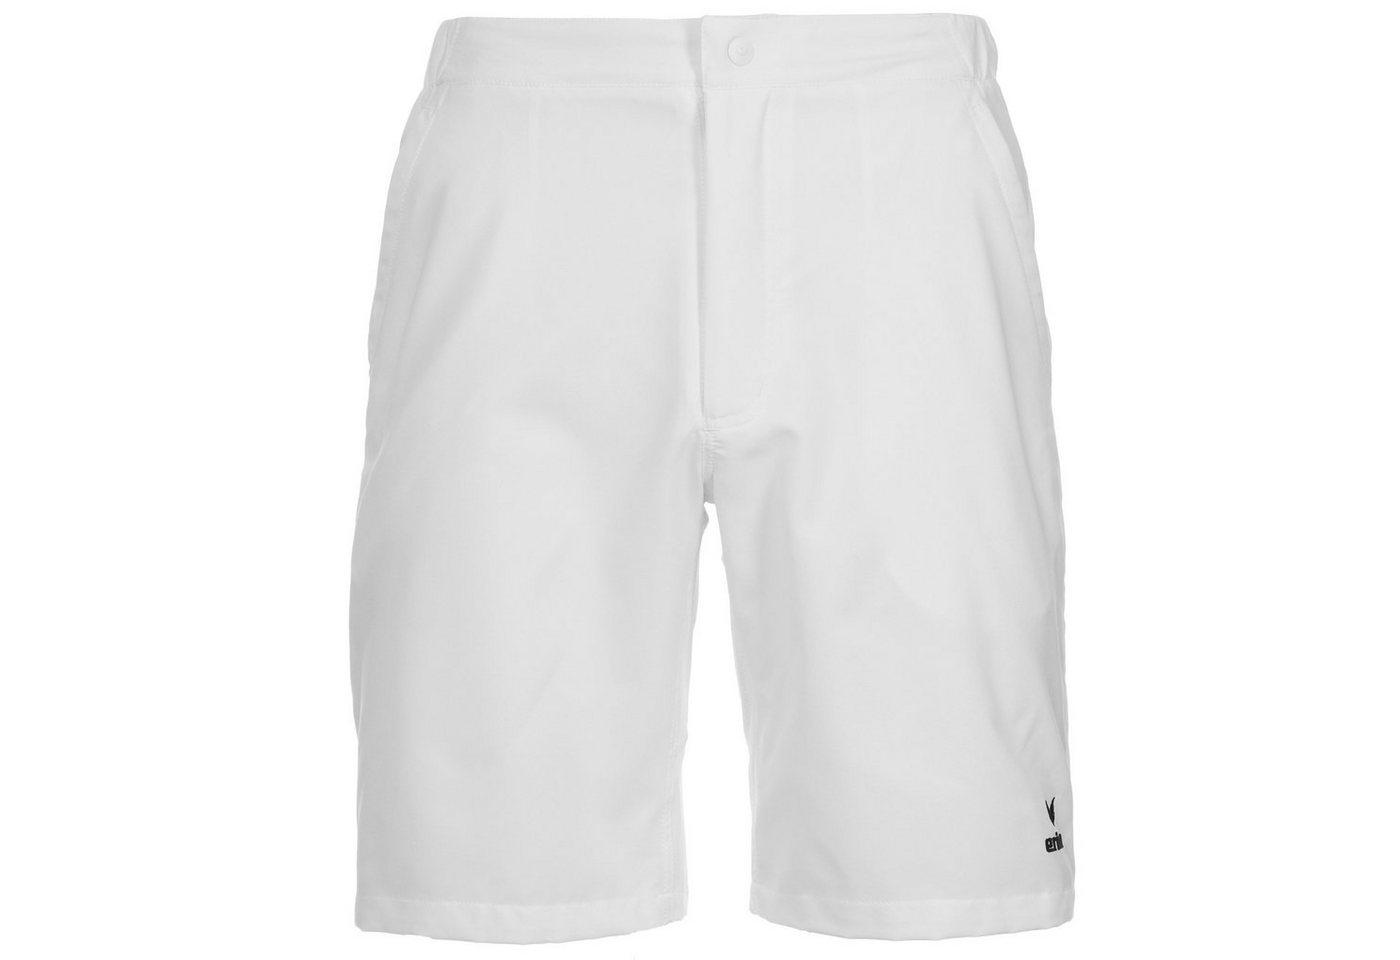 Erima Tennisshort Herren | Sportbekleidung > Sporthosen > Tennisshorts | Weiß | Polyester | Erima